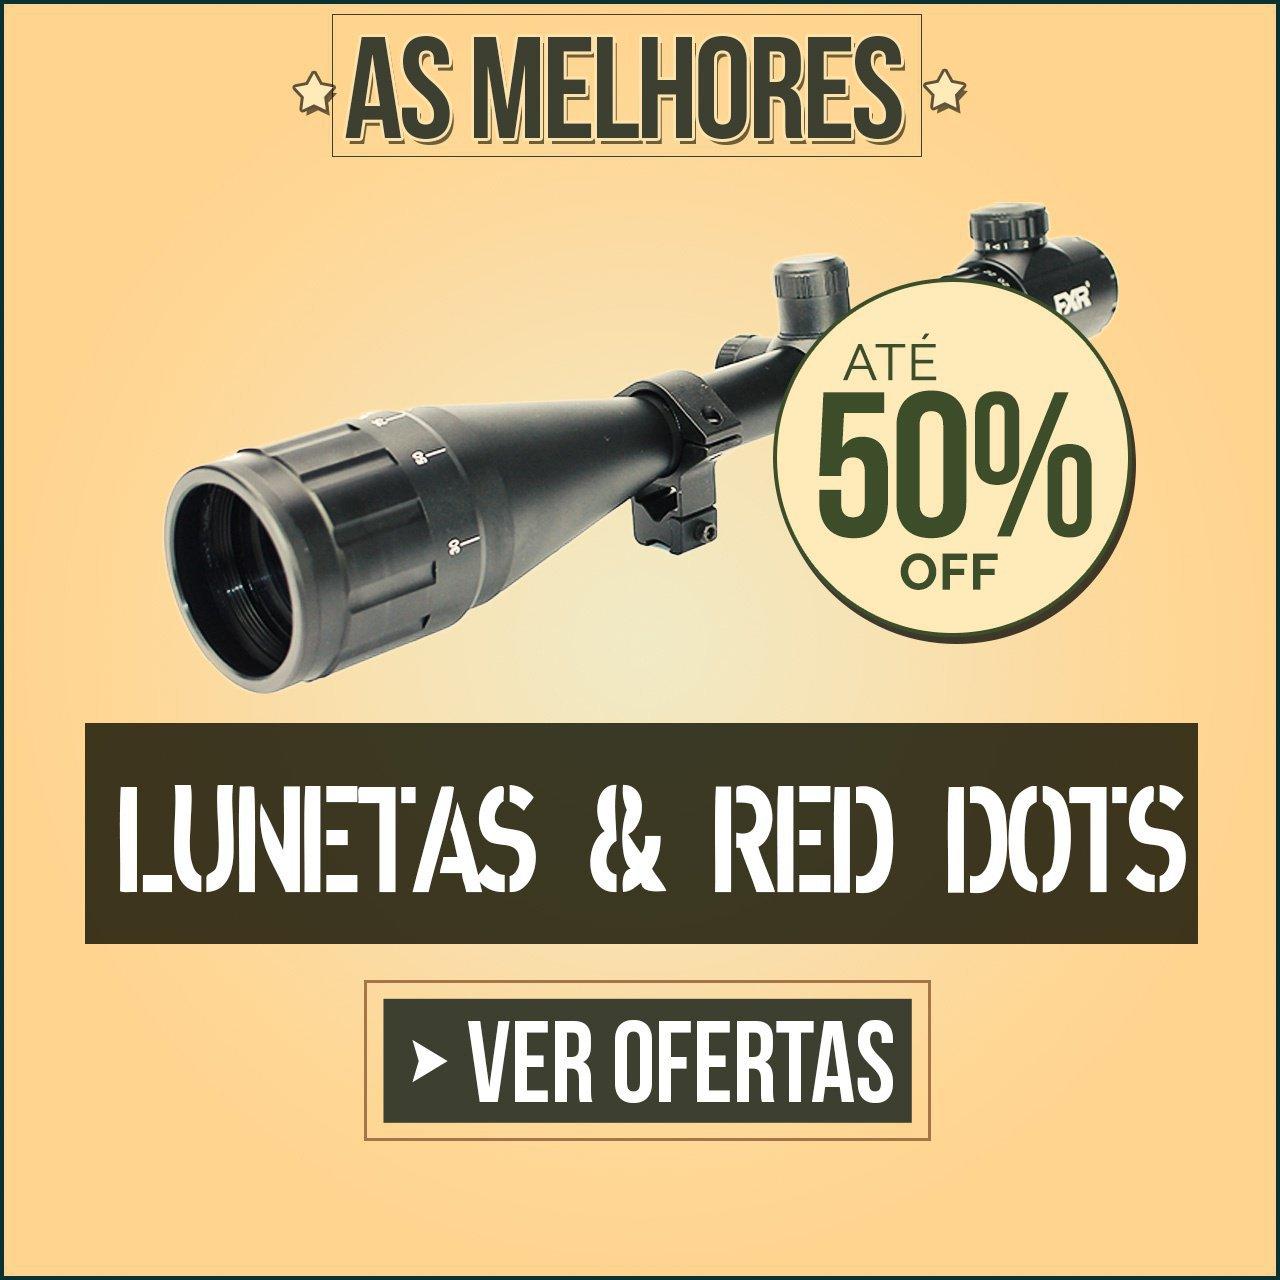 AS MELHORES LUNETAS & RED DOTS - ATÉ 50% OFF